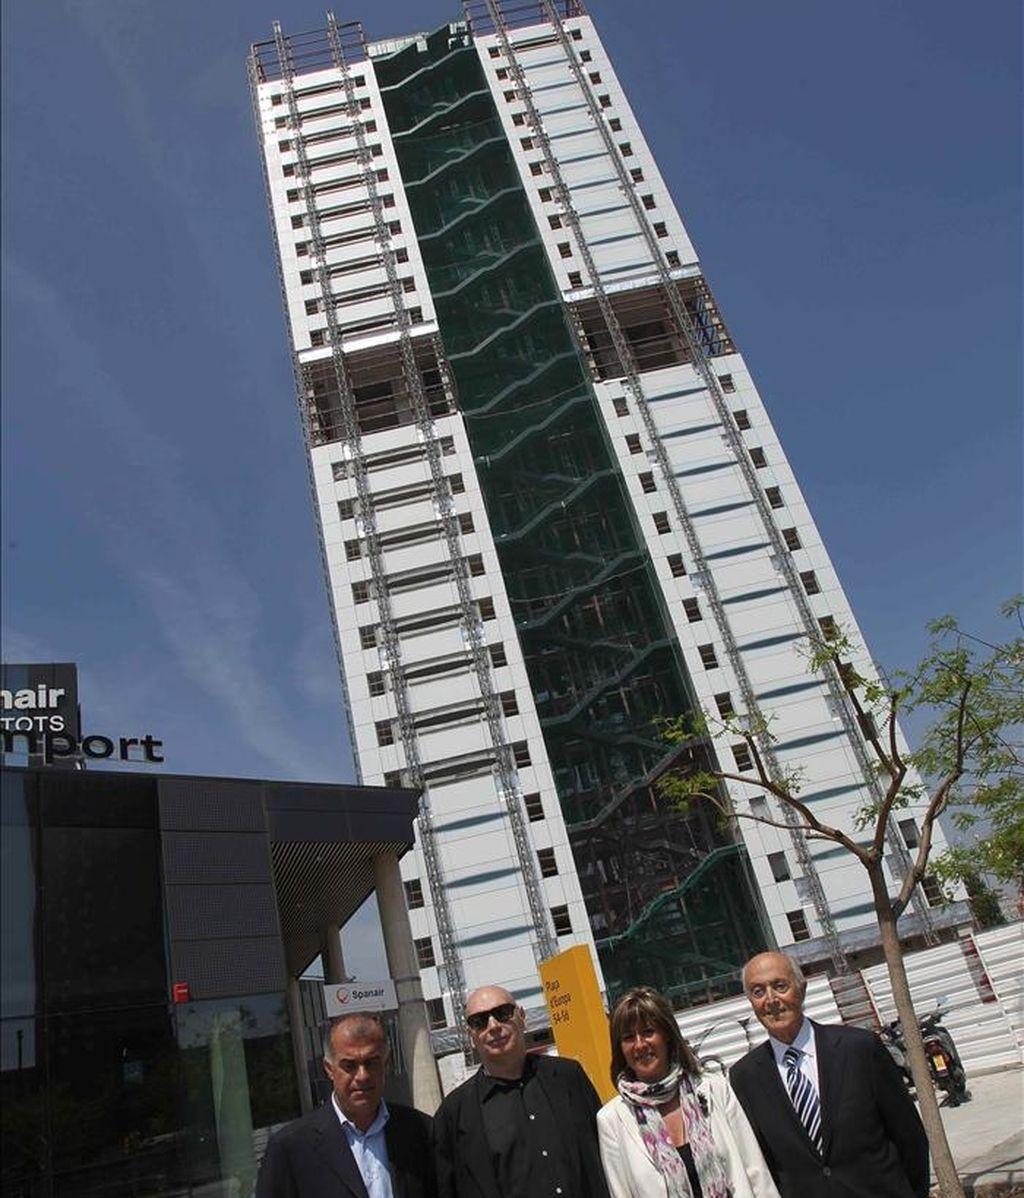 El arquitecto francés Jean Nouvel (i), acompañado de la alcaldesa de l'Hospitalet de Llobregat, Nuria Marín y los hermanos Ribas, posan ante el hotel Catalonia Fira, diseñado por él y el estudio Ribas&, que está formado por dos torres de 110 metros de altura, 357 habitaciones y que ha supuesto una inversión de 65 millones de euros. EFE